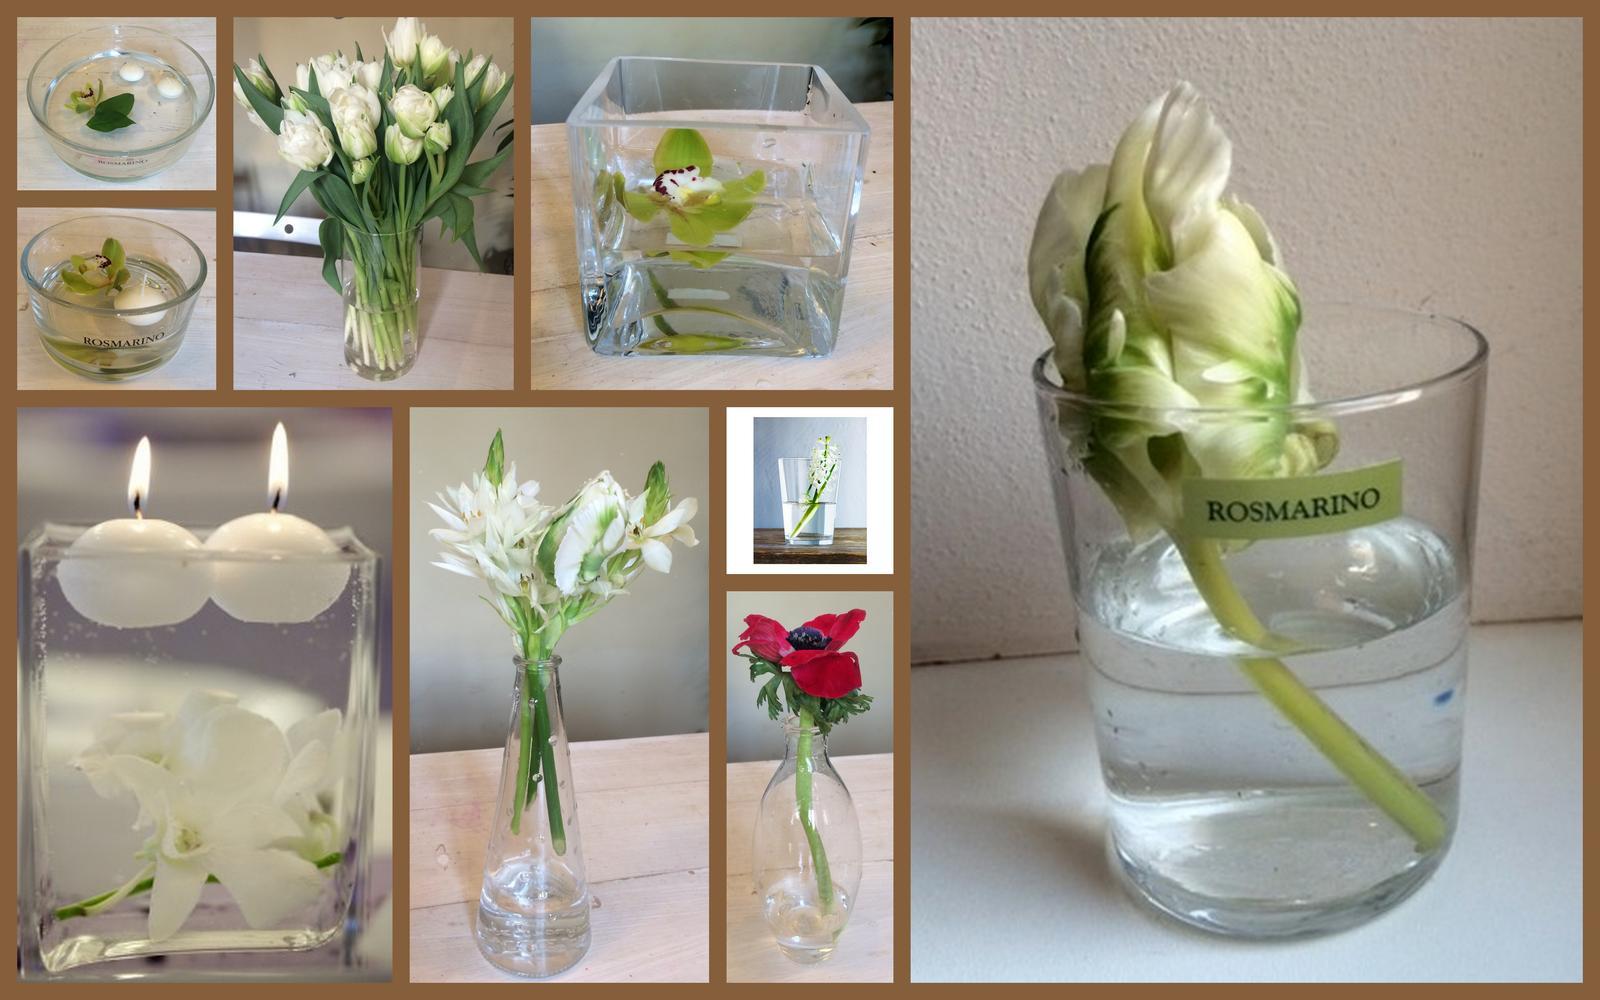 pronájem dekorací - vázy, svícny, dózičky - Obrázek č. 1